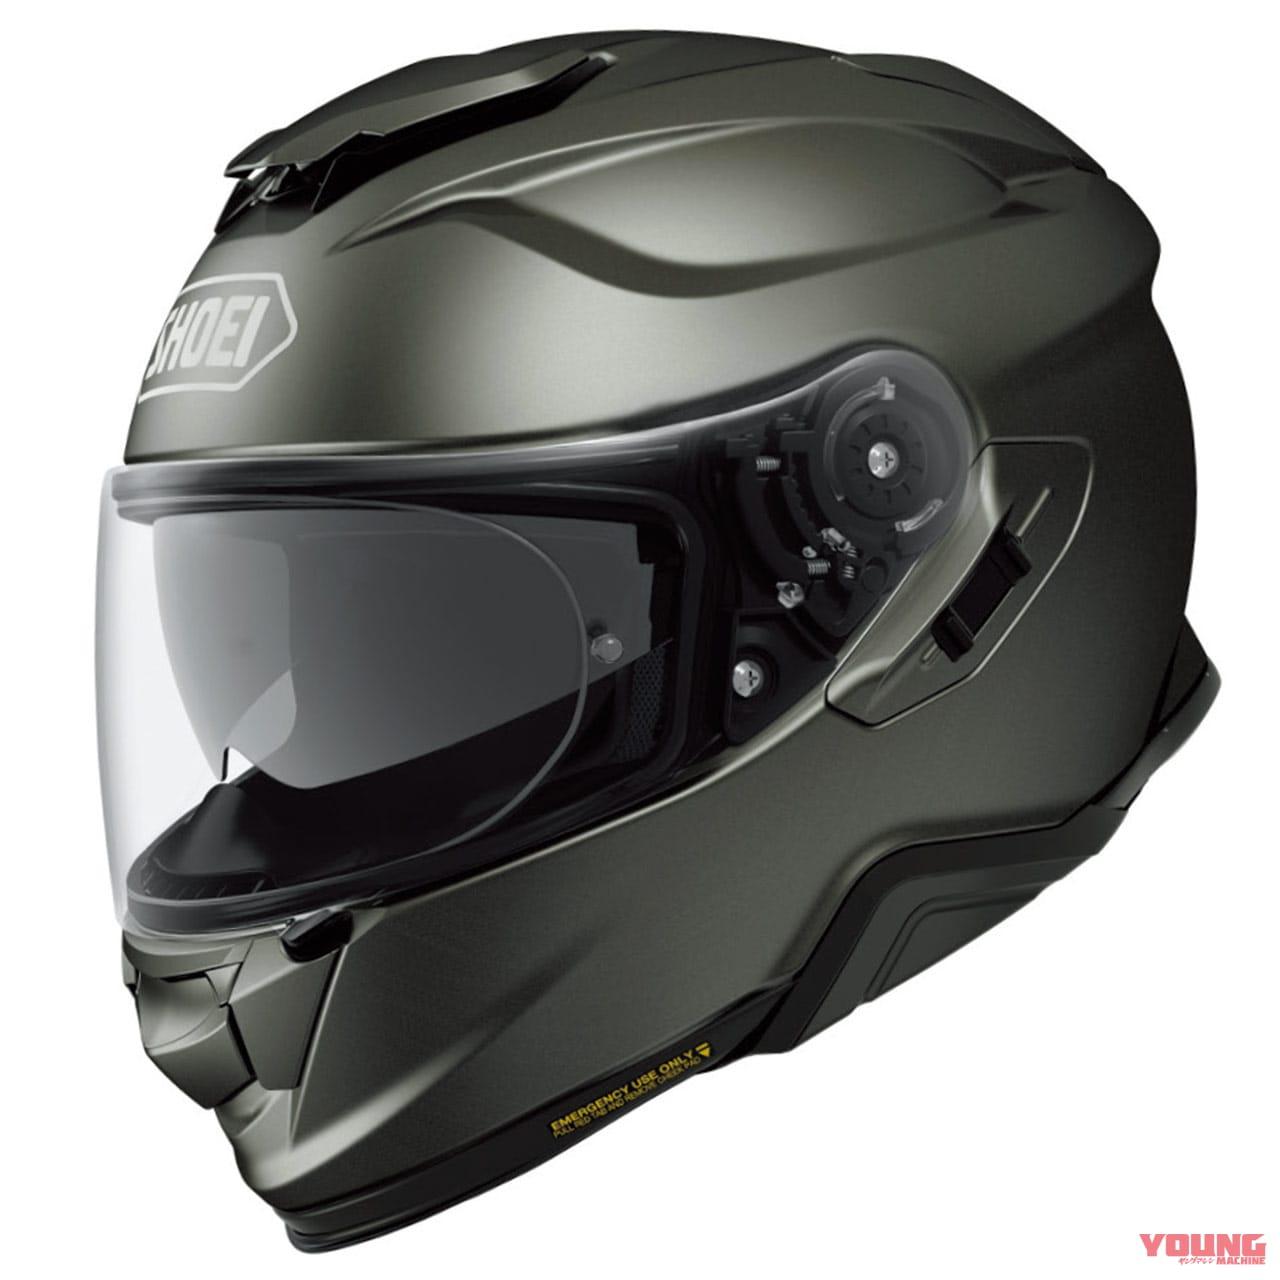 フルフェイスヘルメット:GTエア II[SHOEI]